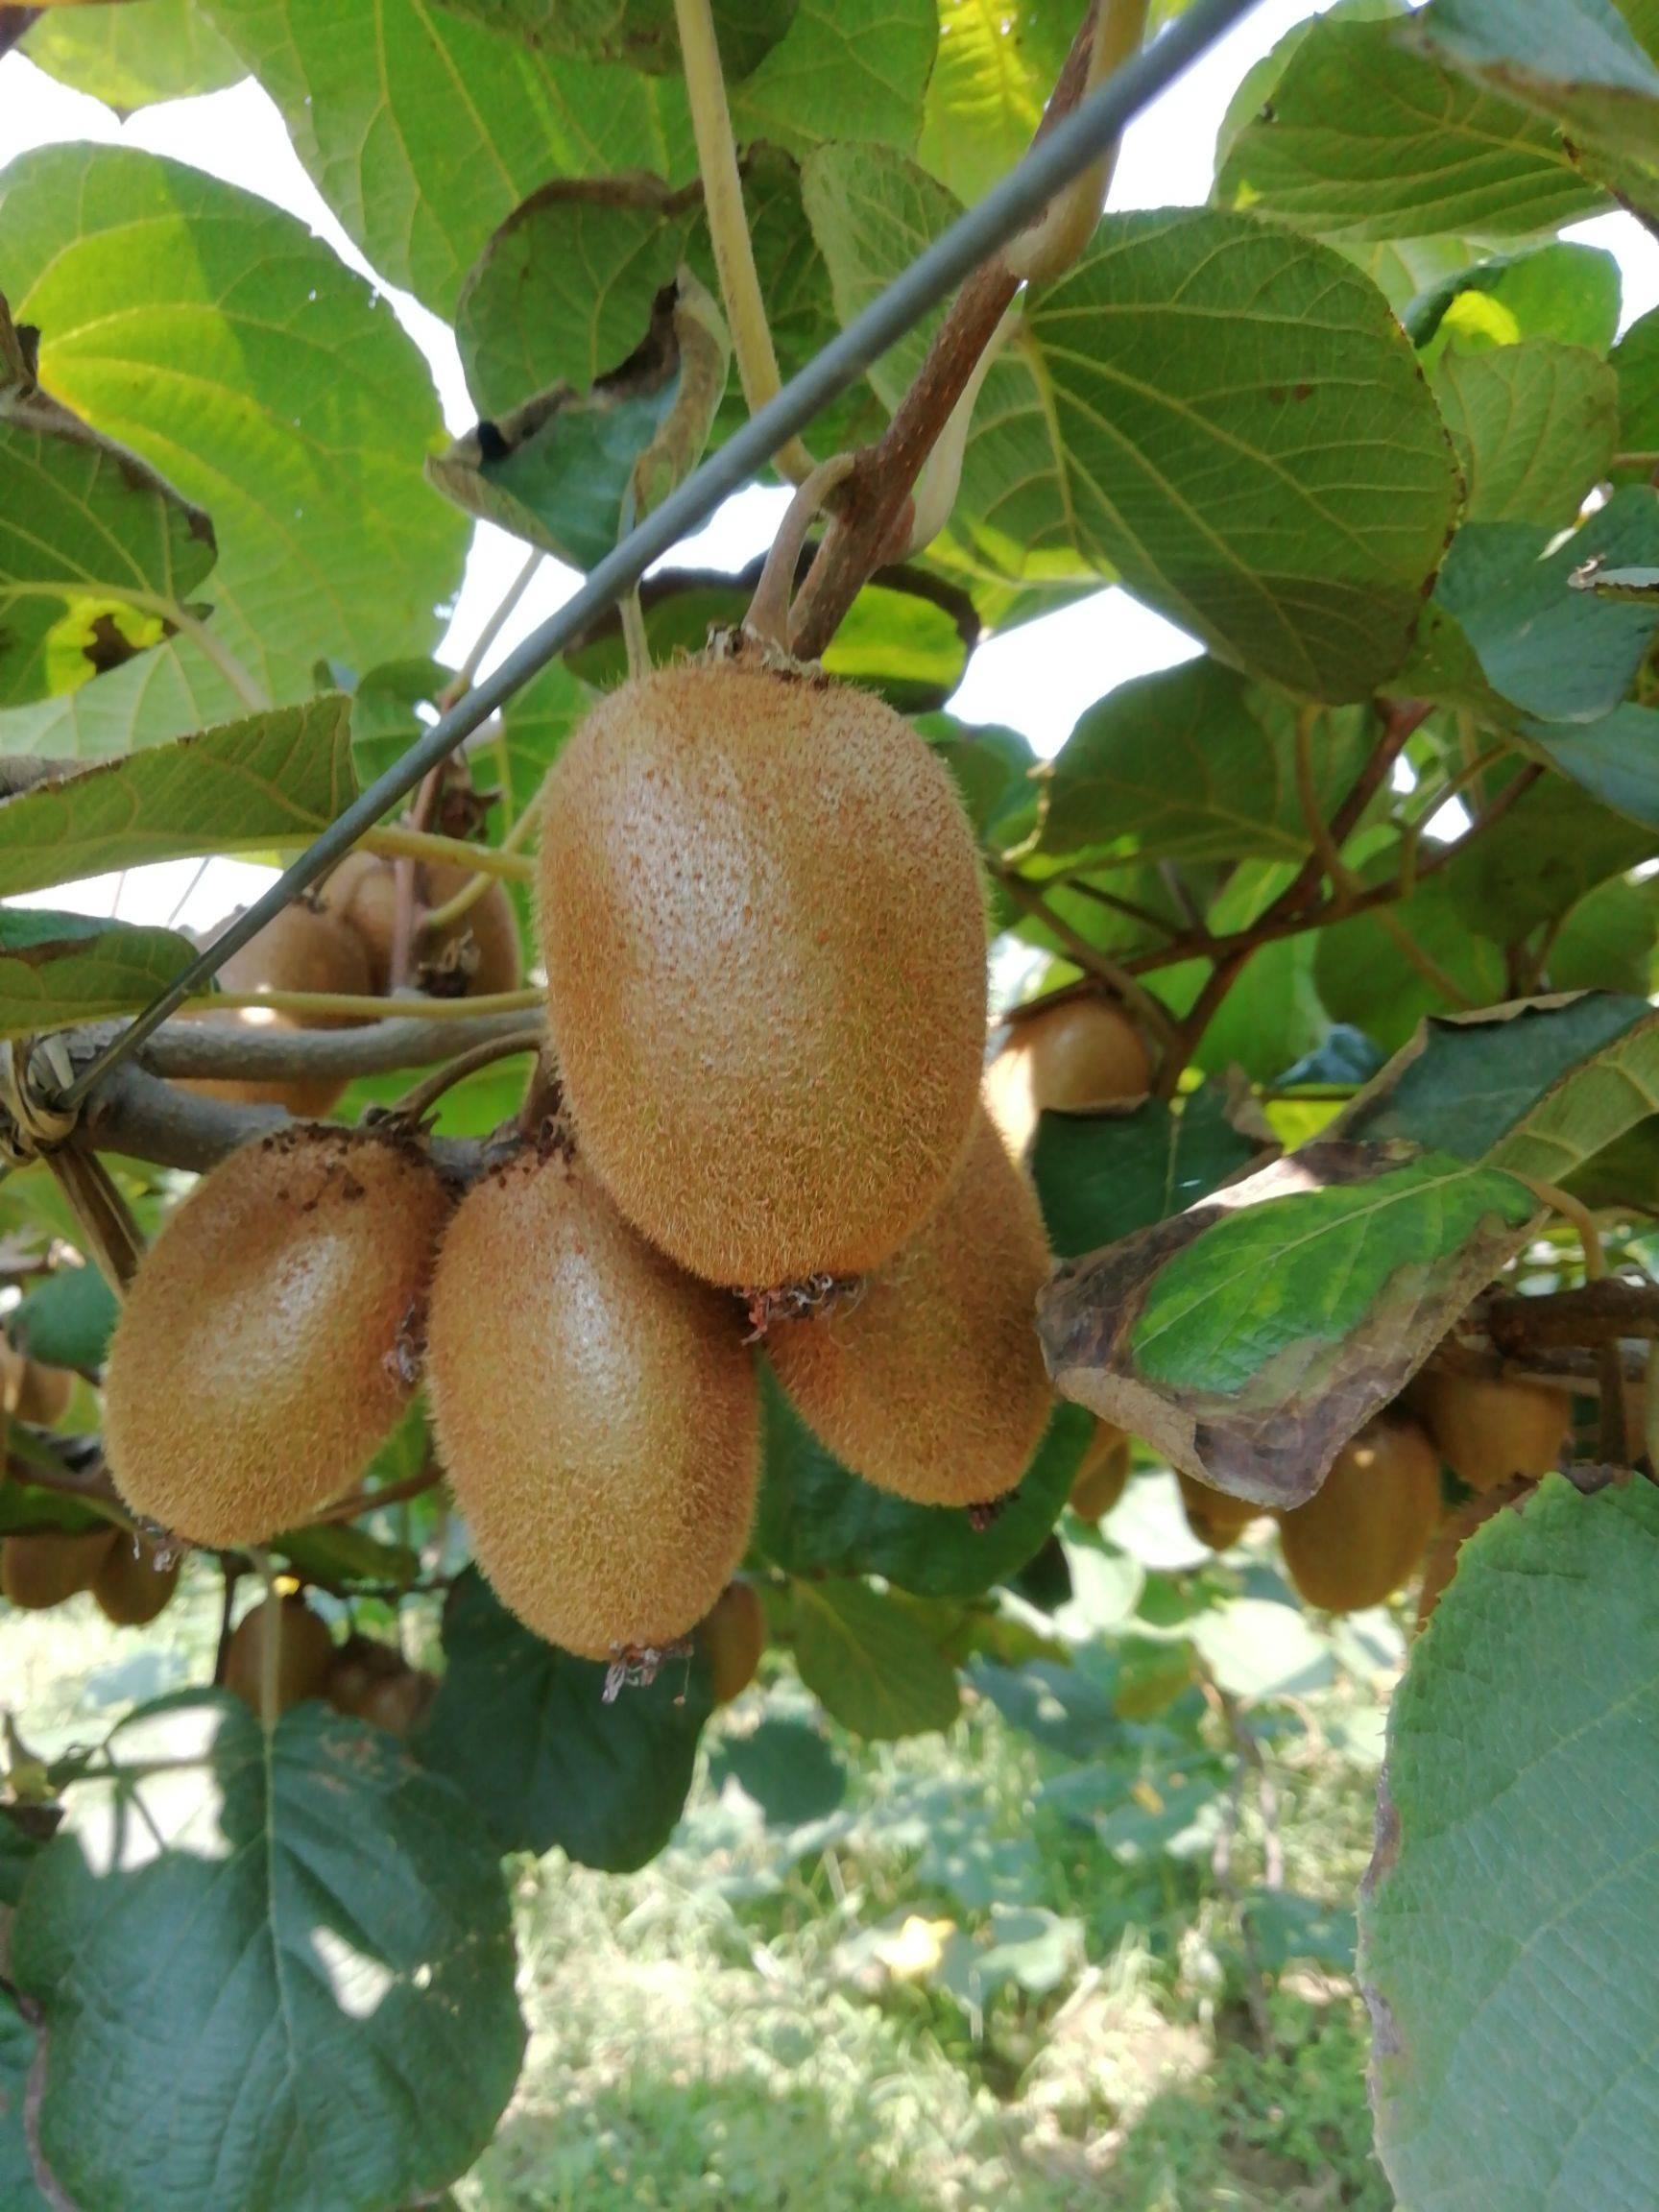 武功翠香猕猴桃,有机种植不一样的口感自产自销,诚信为本!